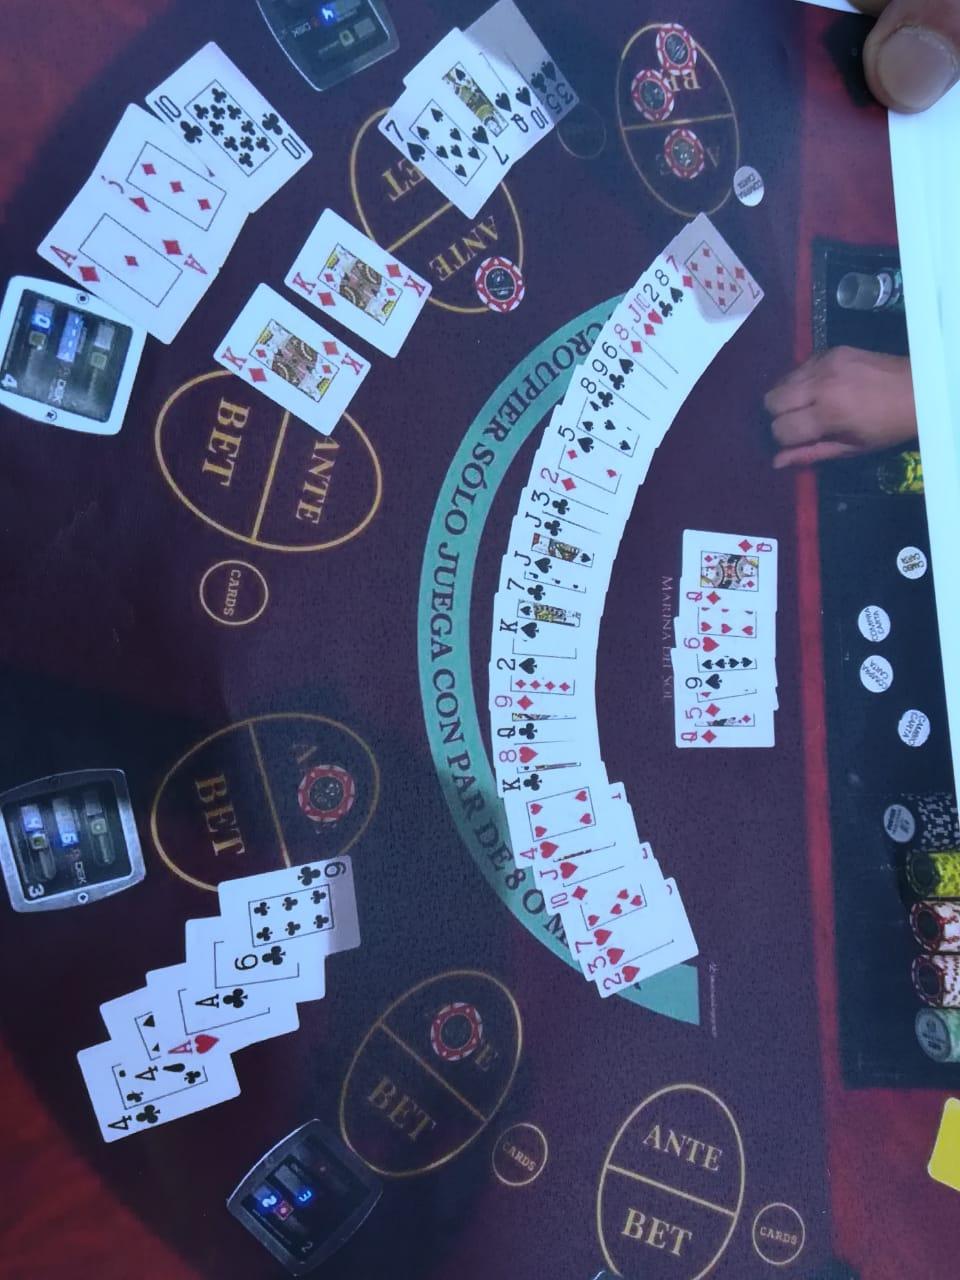 grave-denuncia-remece-a-casino-marina-del-sol-acusan-uso-de-mazos-adulterados-que-impedian-ganar2